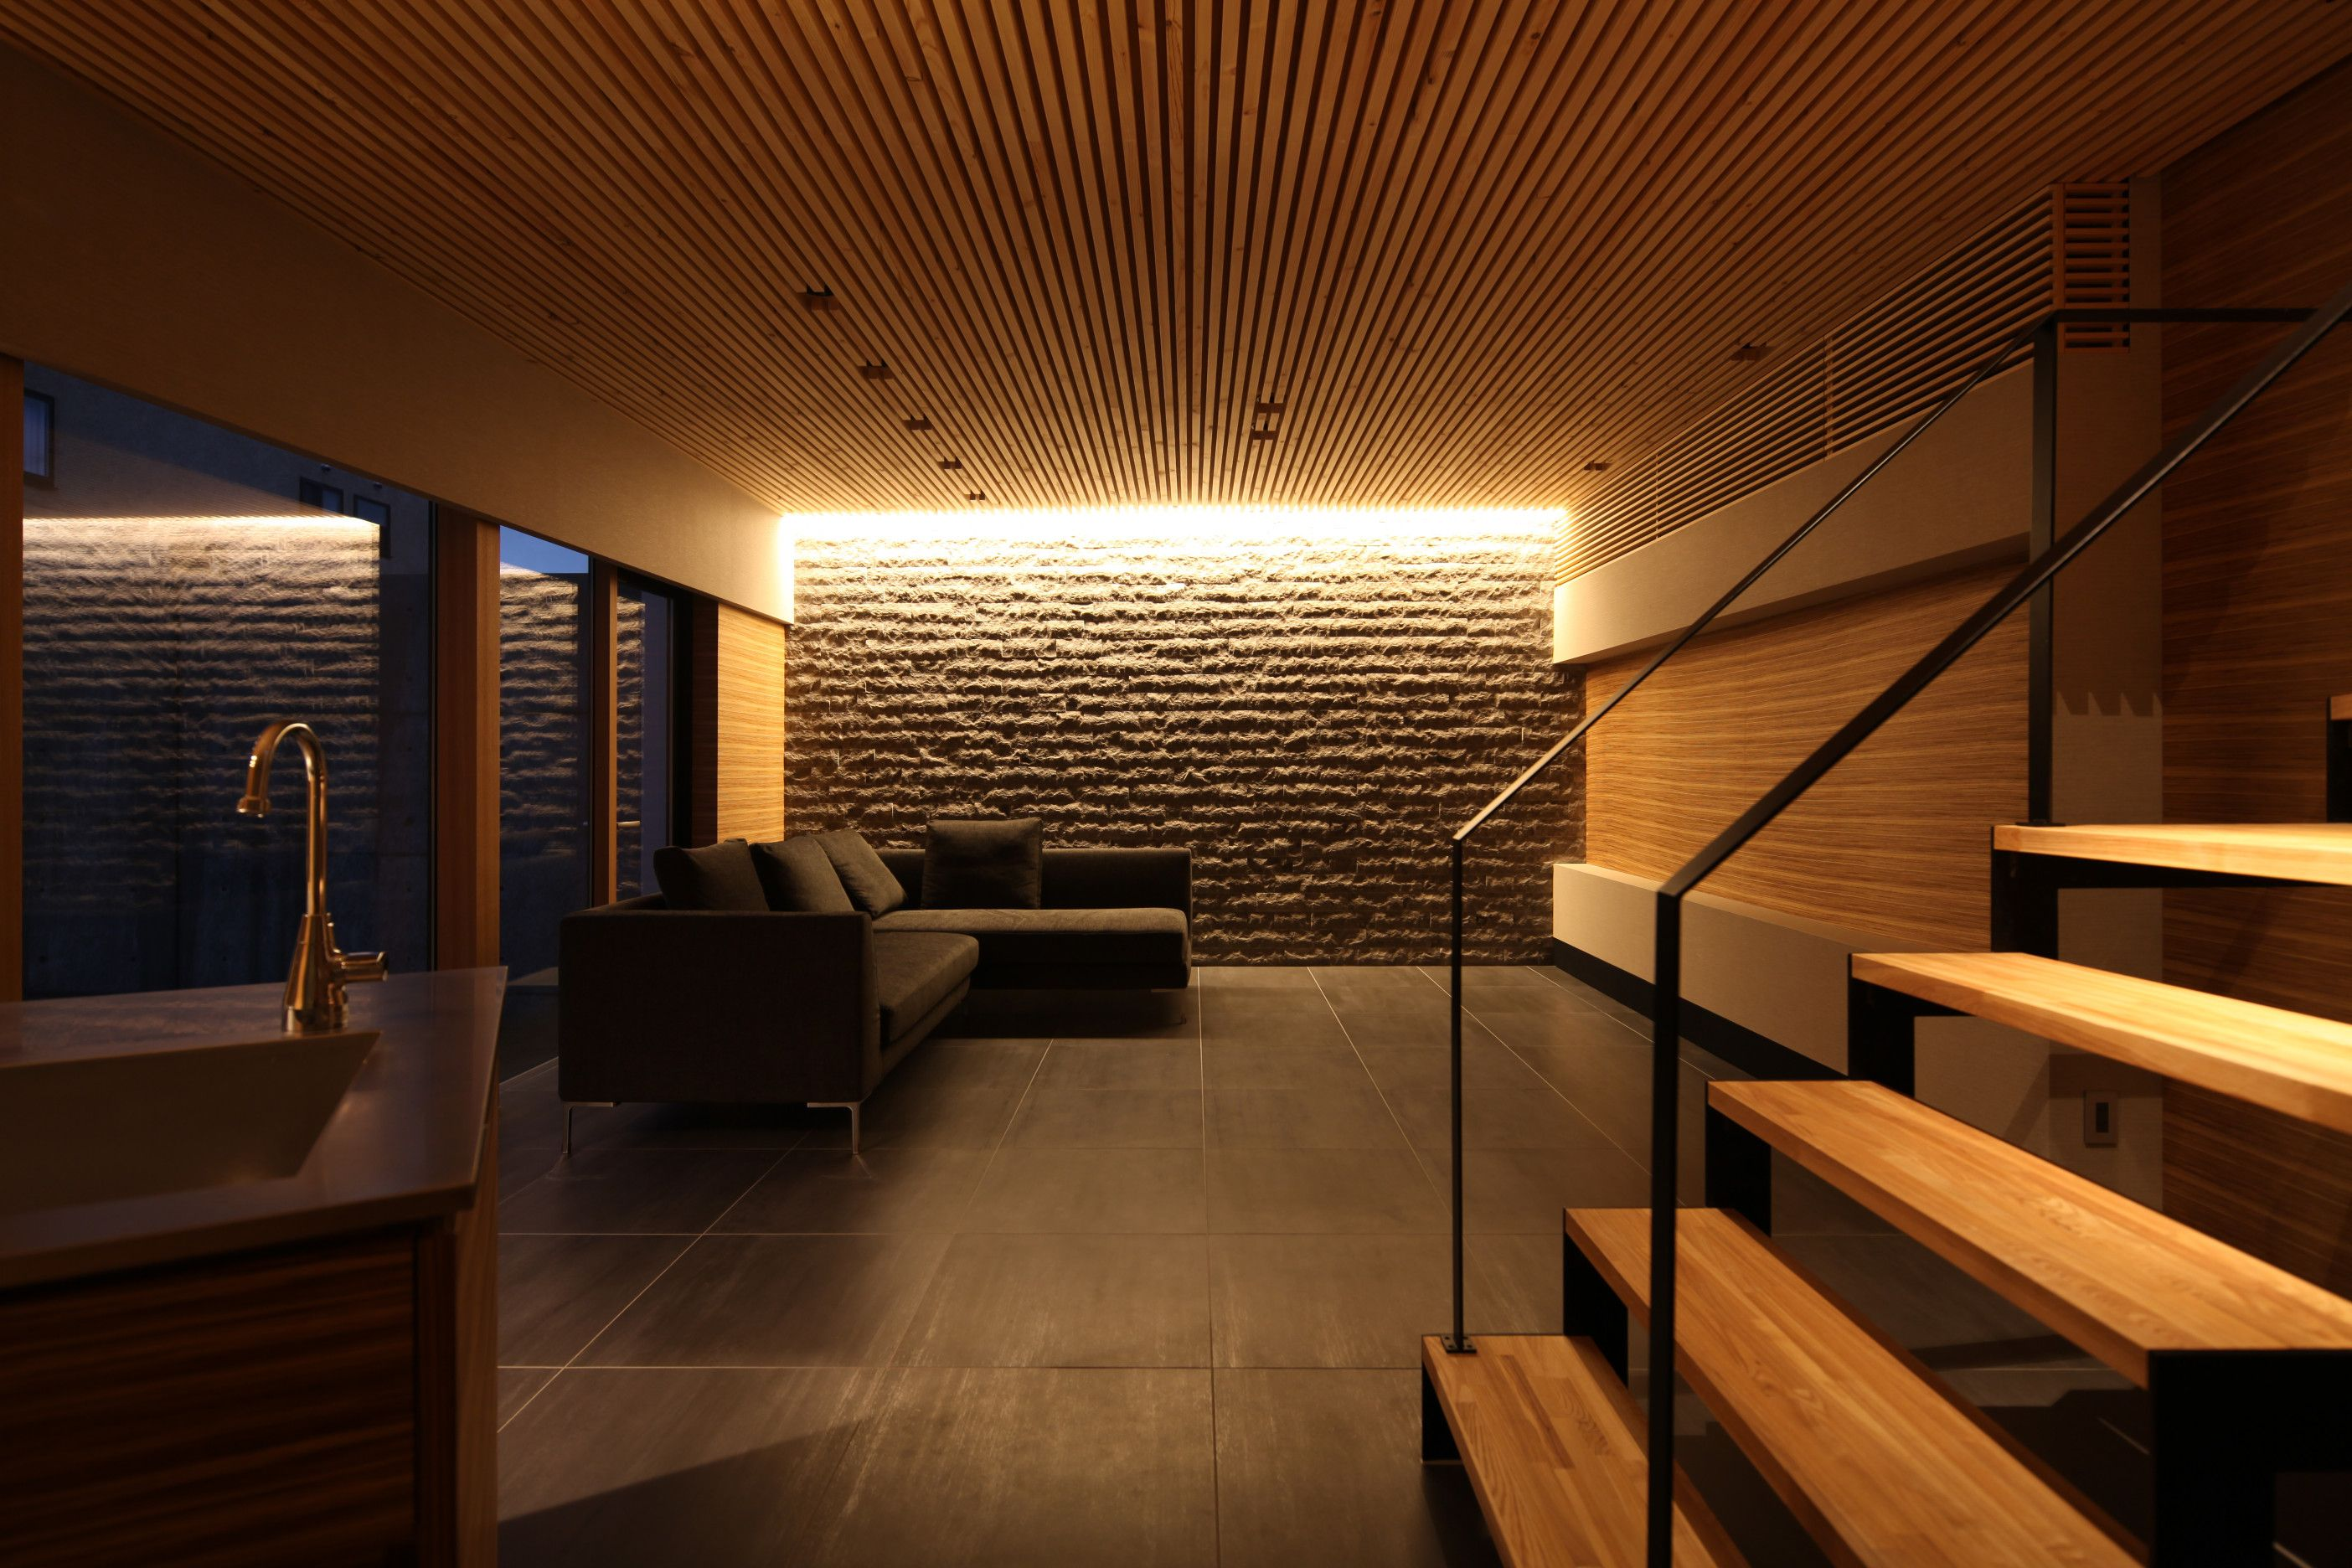 天井のルーバーと壁のタイルで 重厚で大人な雰囲気の漂う仕上がり